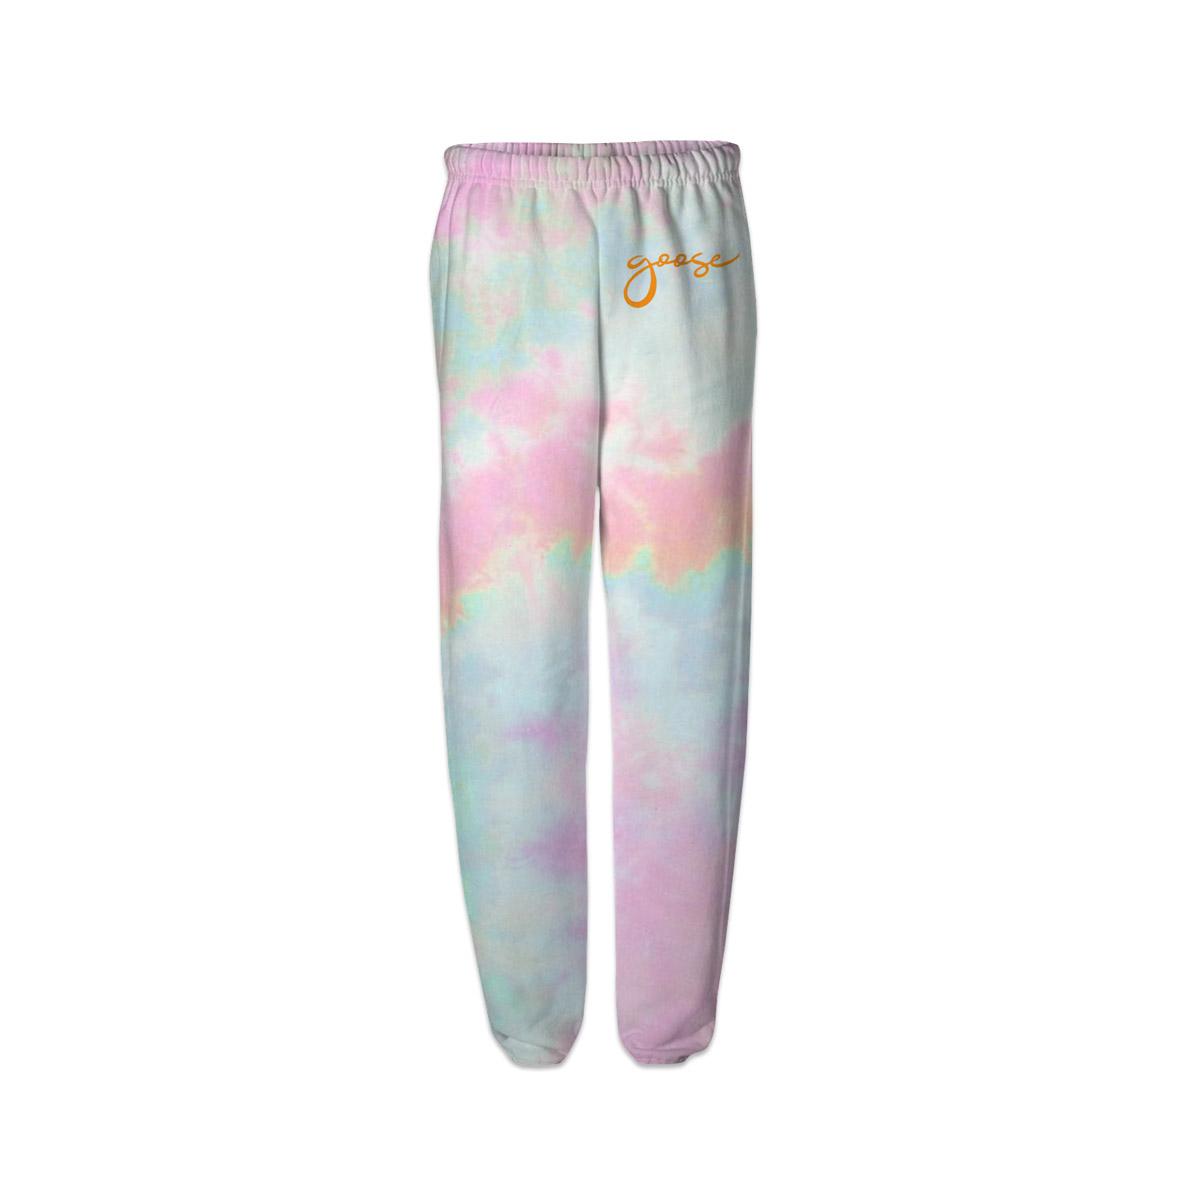 Pastel Tie Dye sweat pants